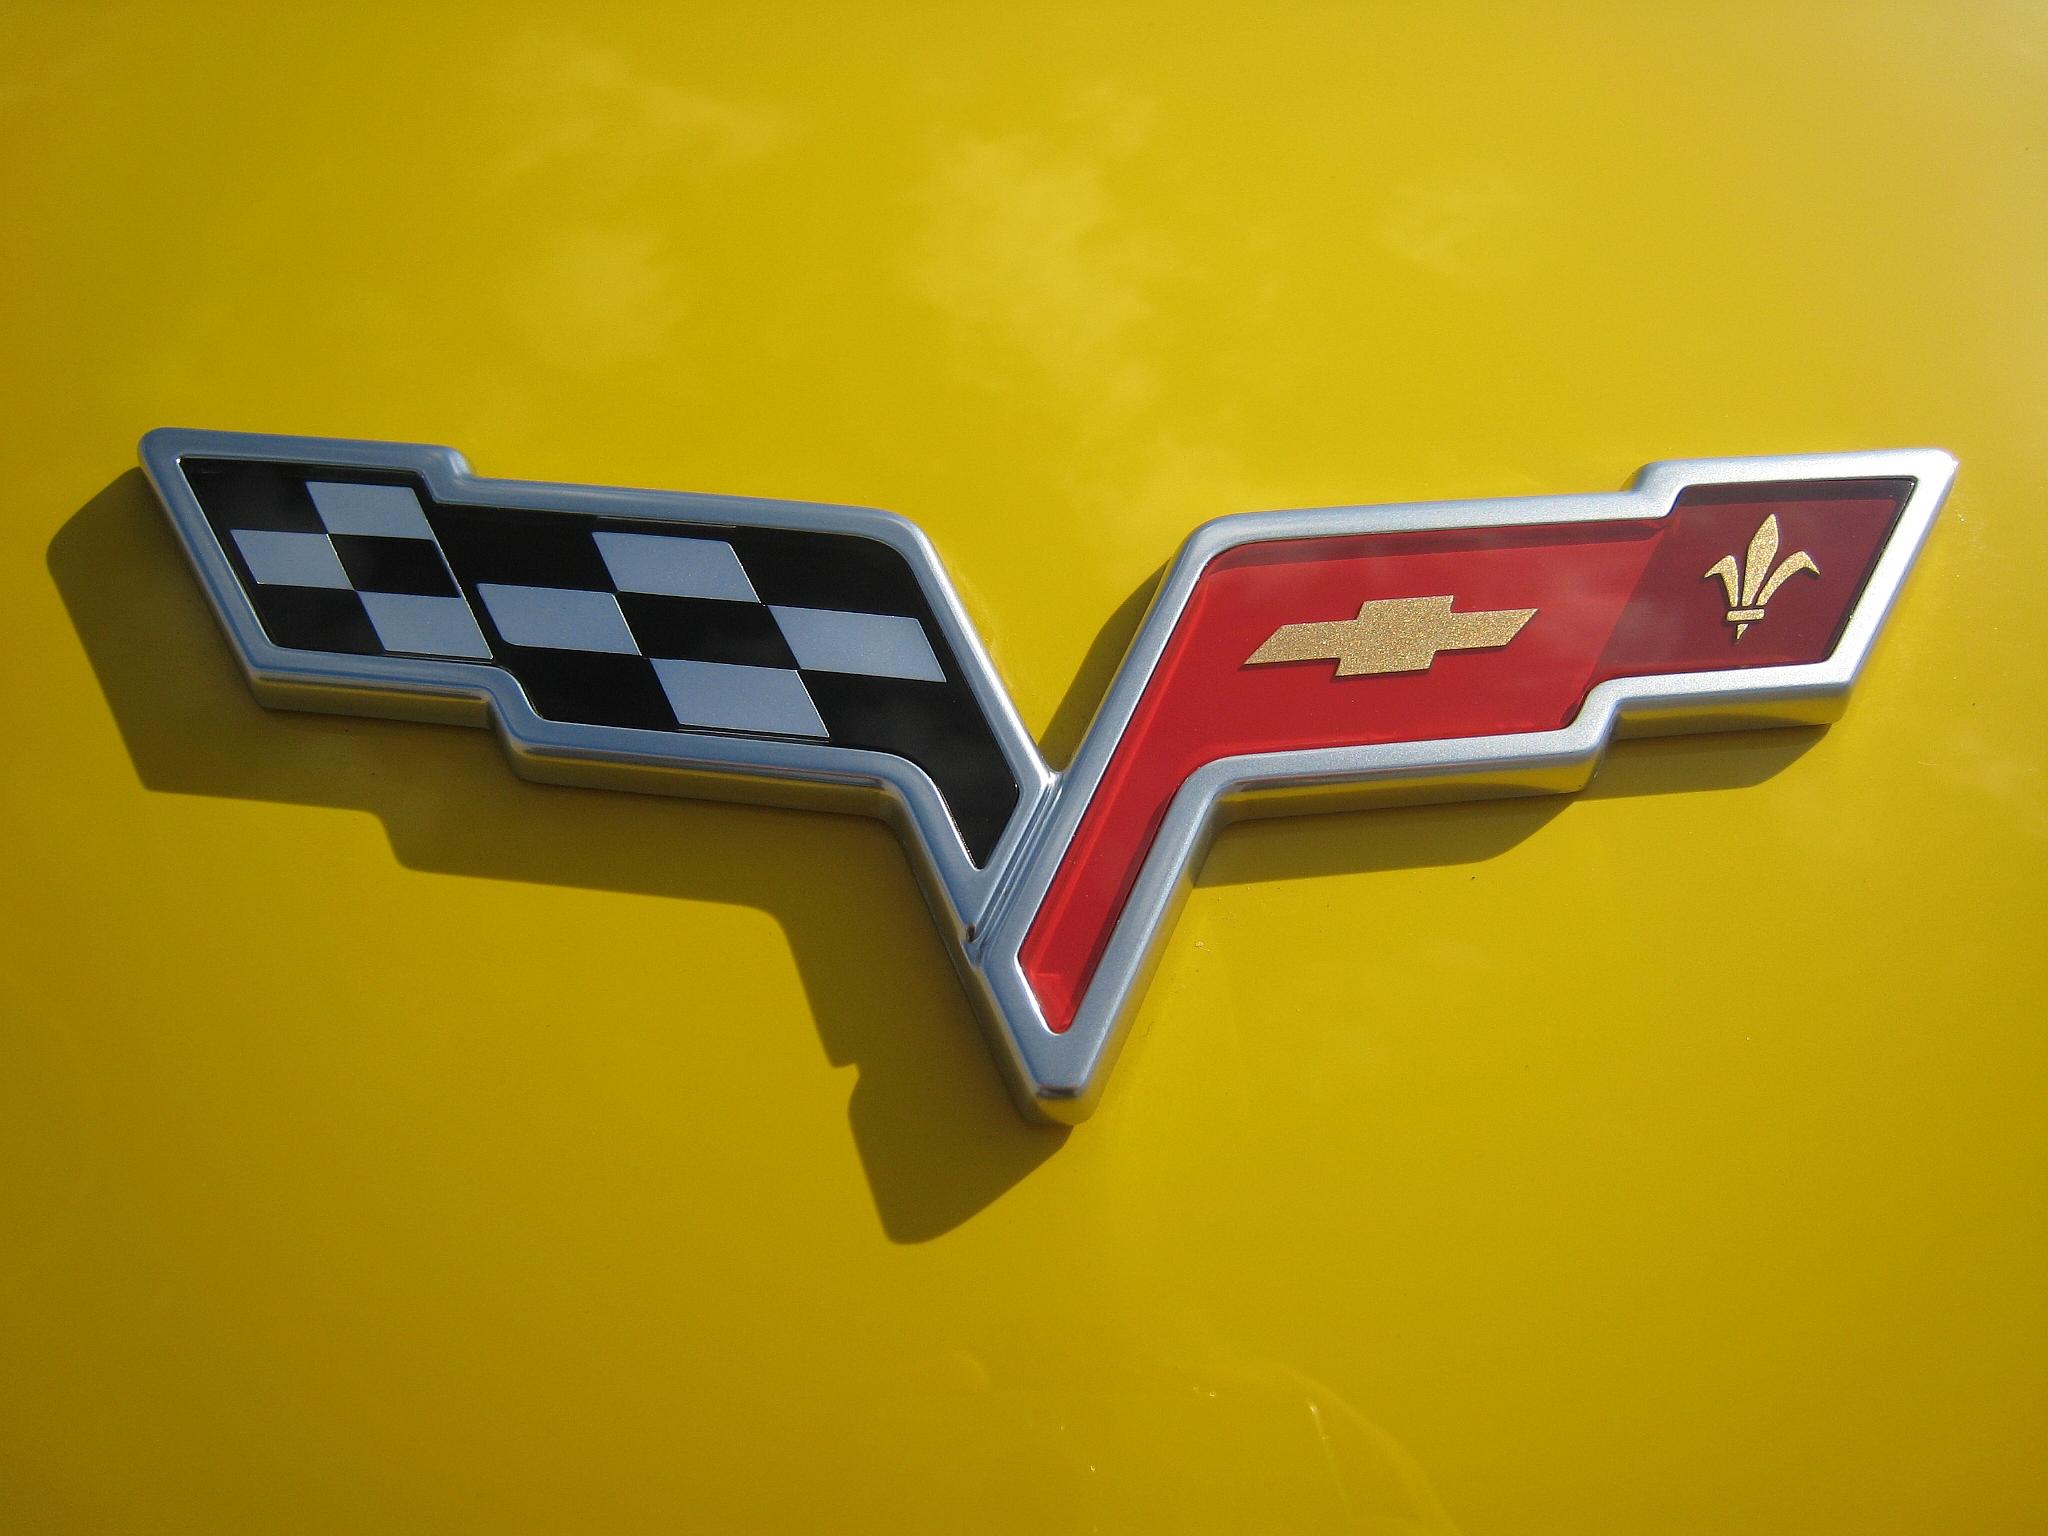 2016 Corvette Z07 >> Corvette C6 Logo Wallpaper - WallpaperSafari